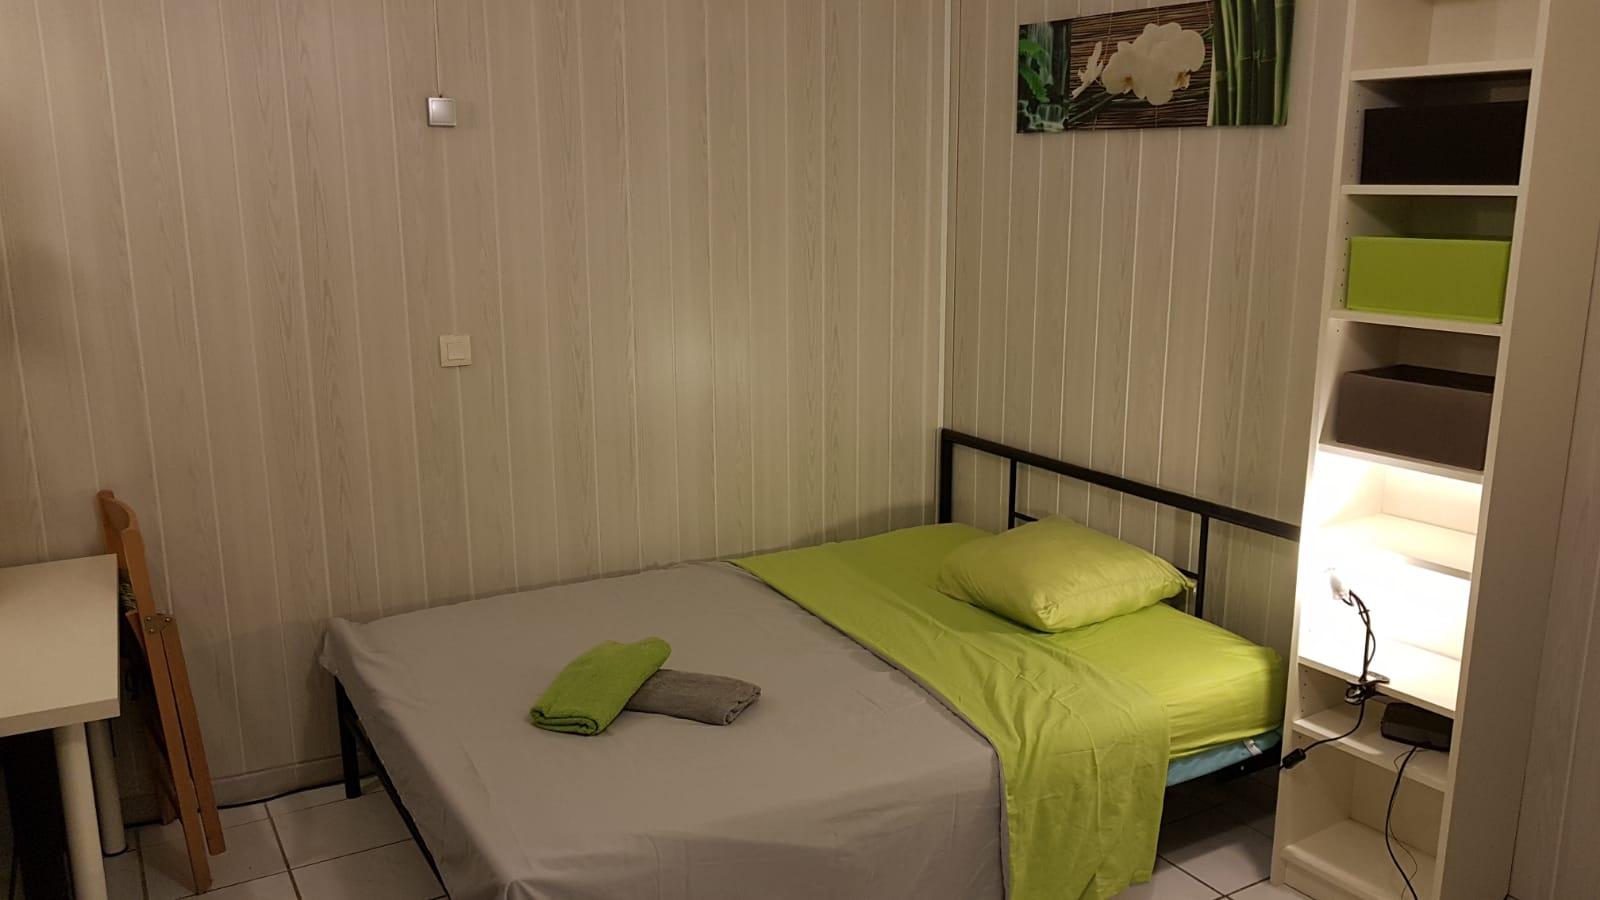 studio meuble bordeaux particulier - studio mow meubl de tourisme tout quip bordeaux